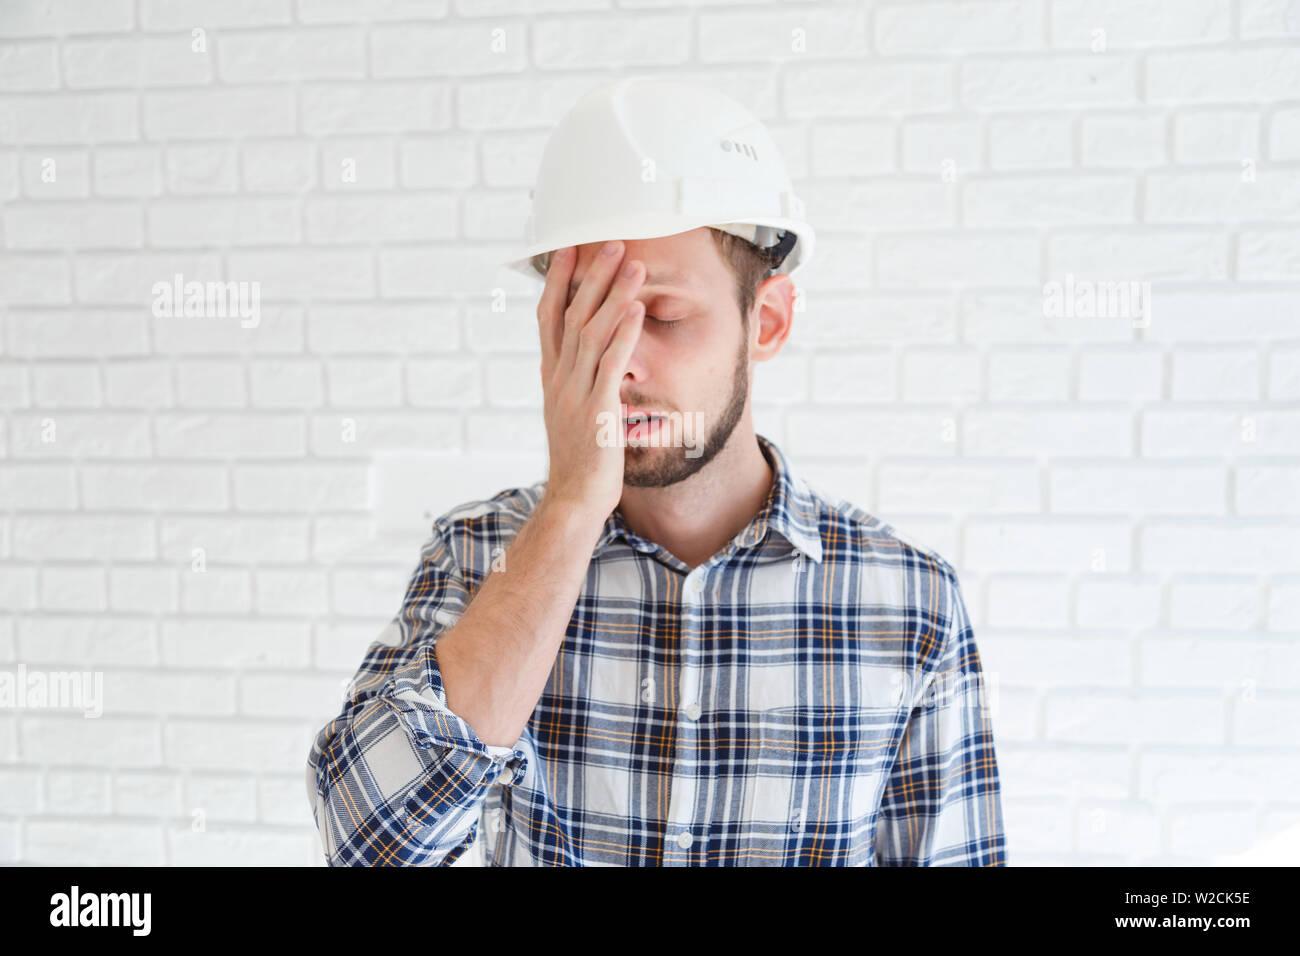 Un col bleu portant un casque est couvrant son visage avec sa main. Banque D'Images